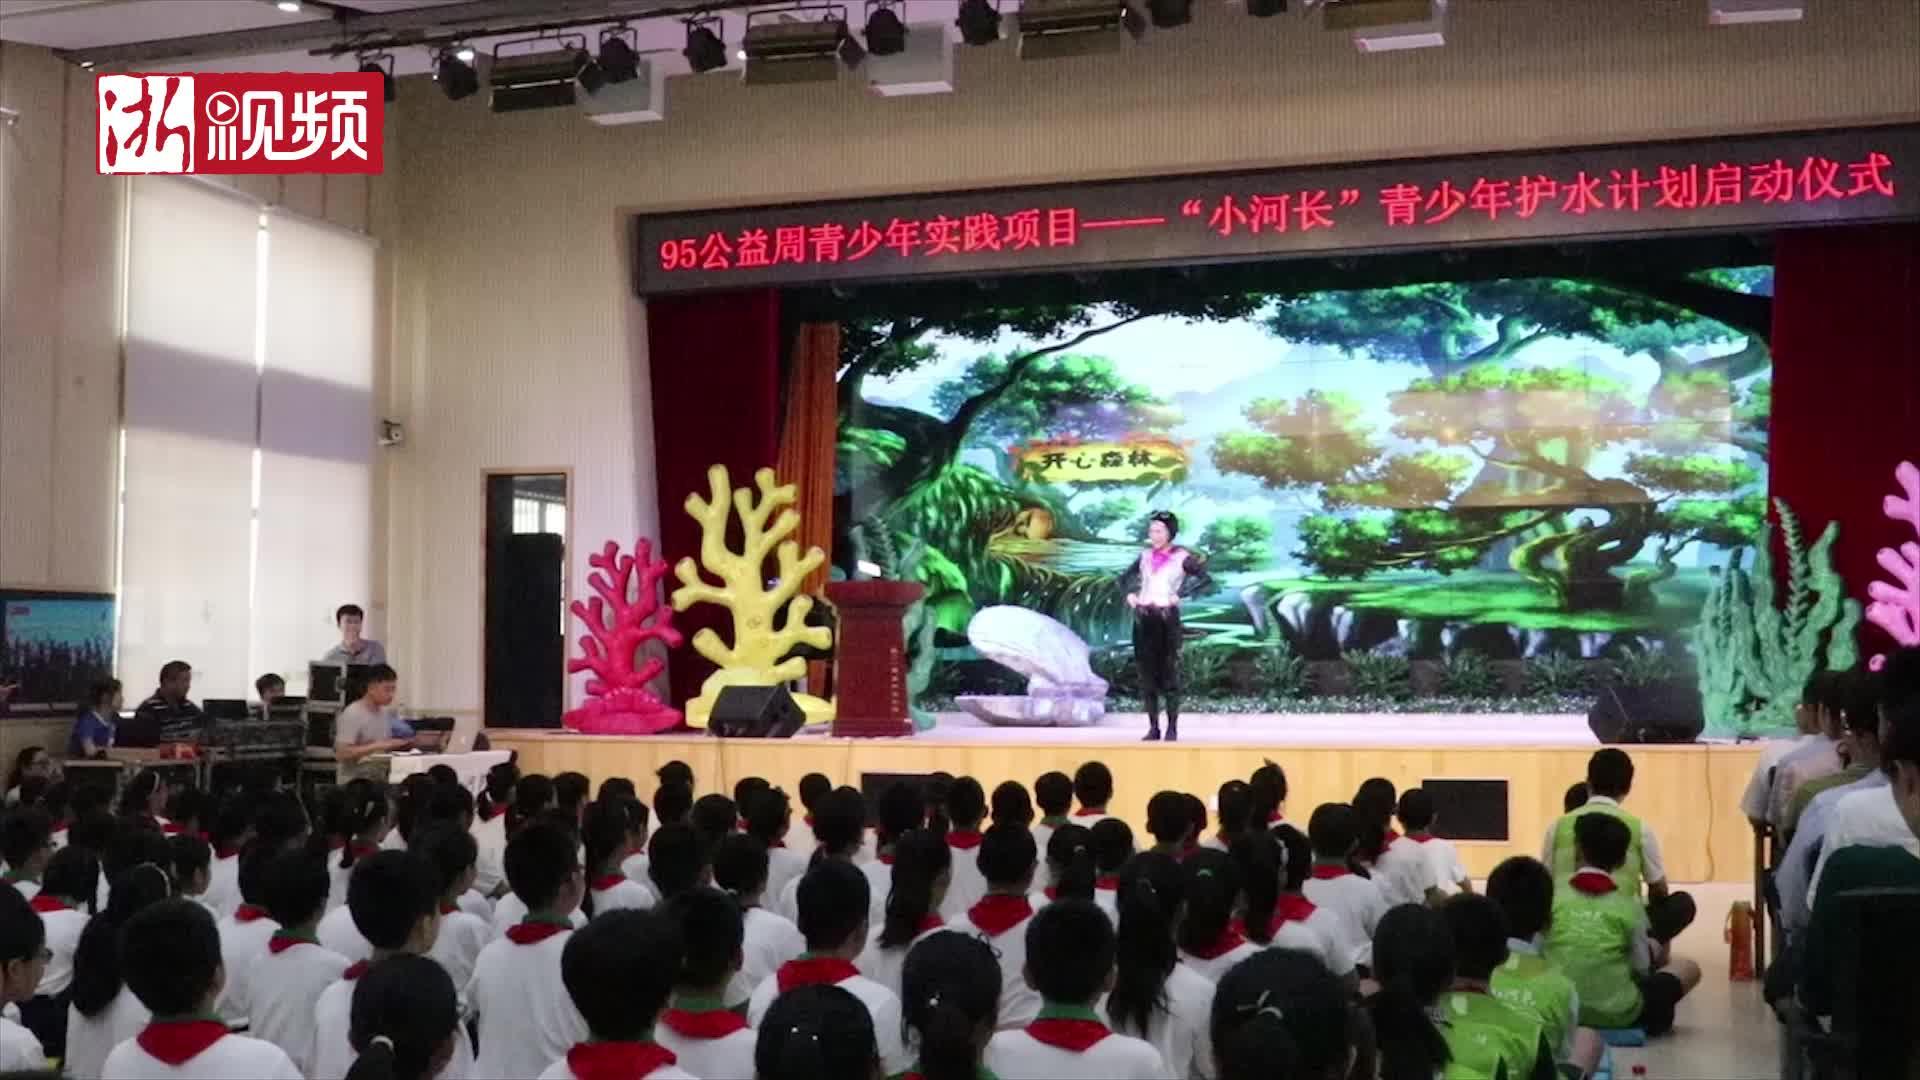 小小河长唤回碧波清流 杭州中小学的开学第一课这样上